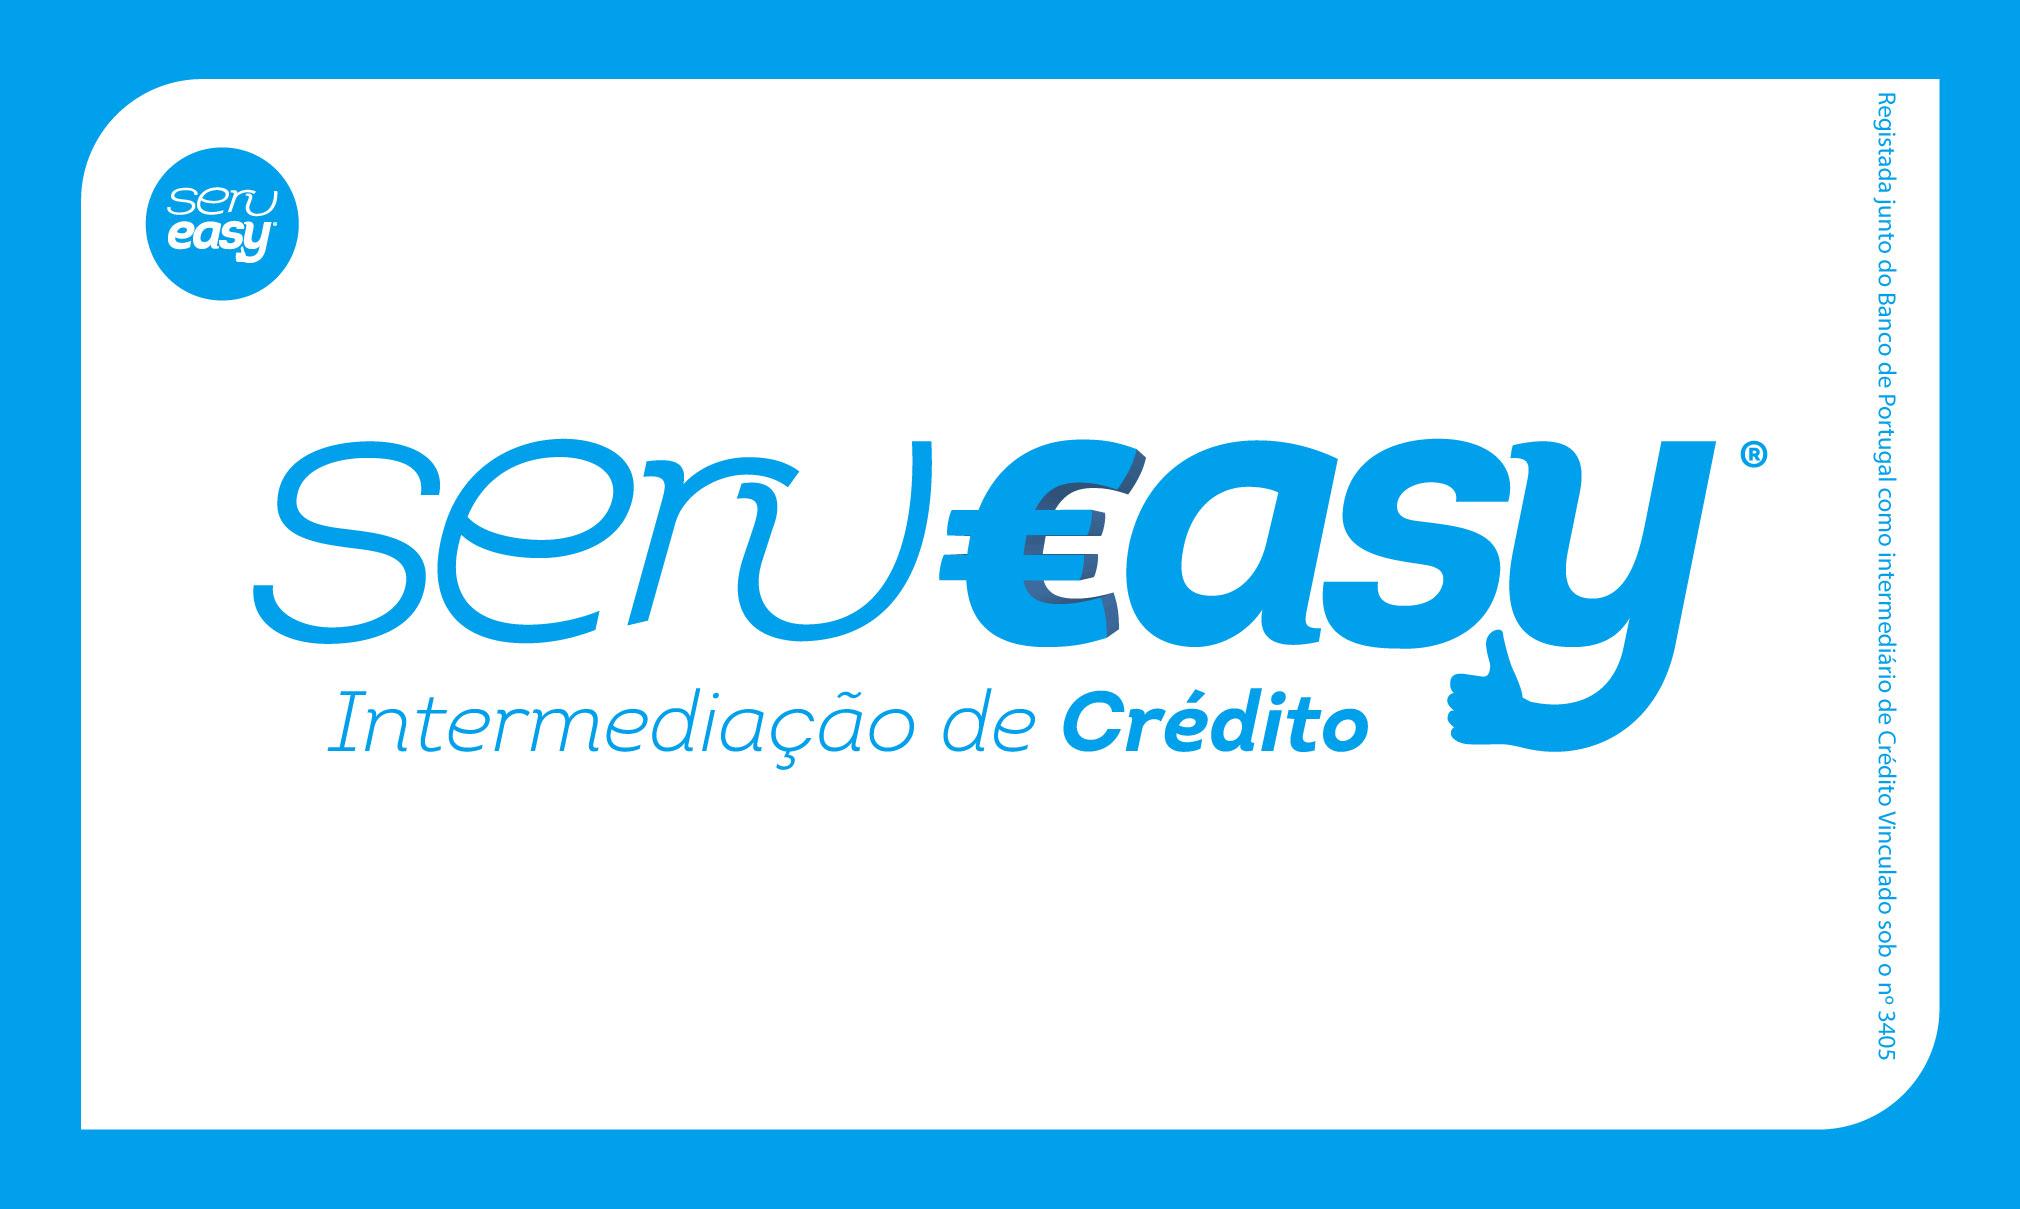 intermediação de crédito